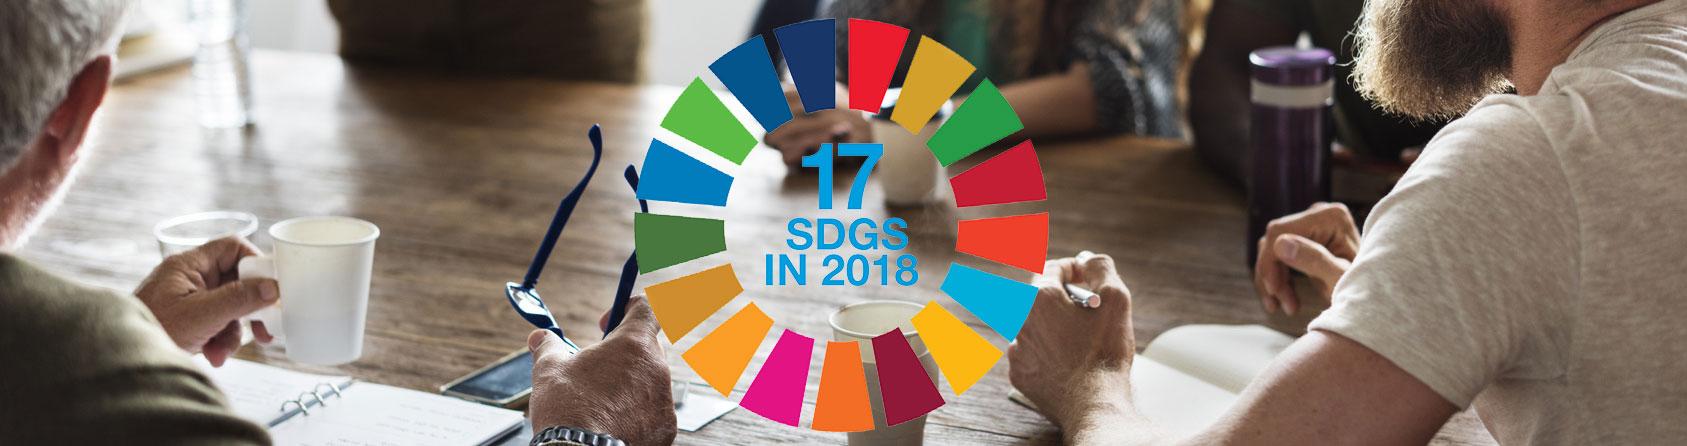 The UN SDGs logo